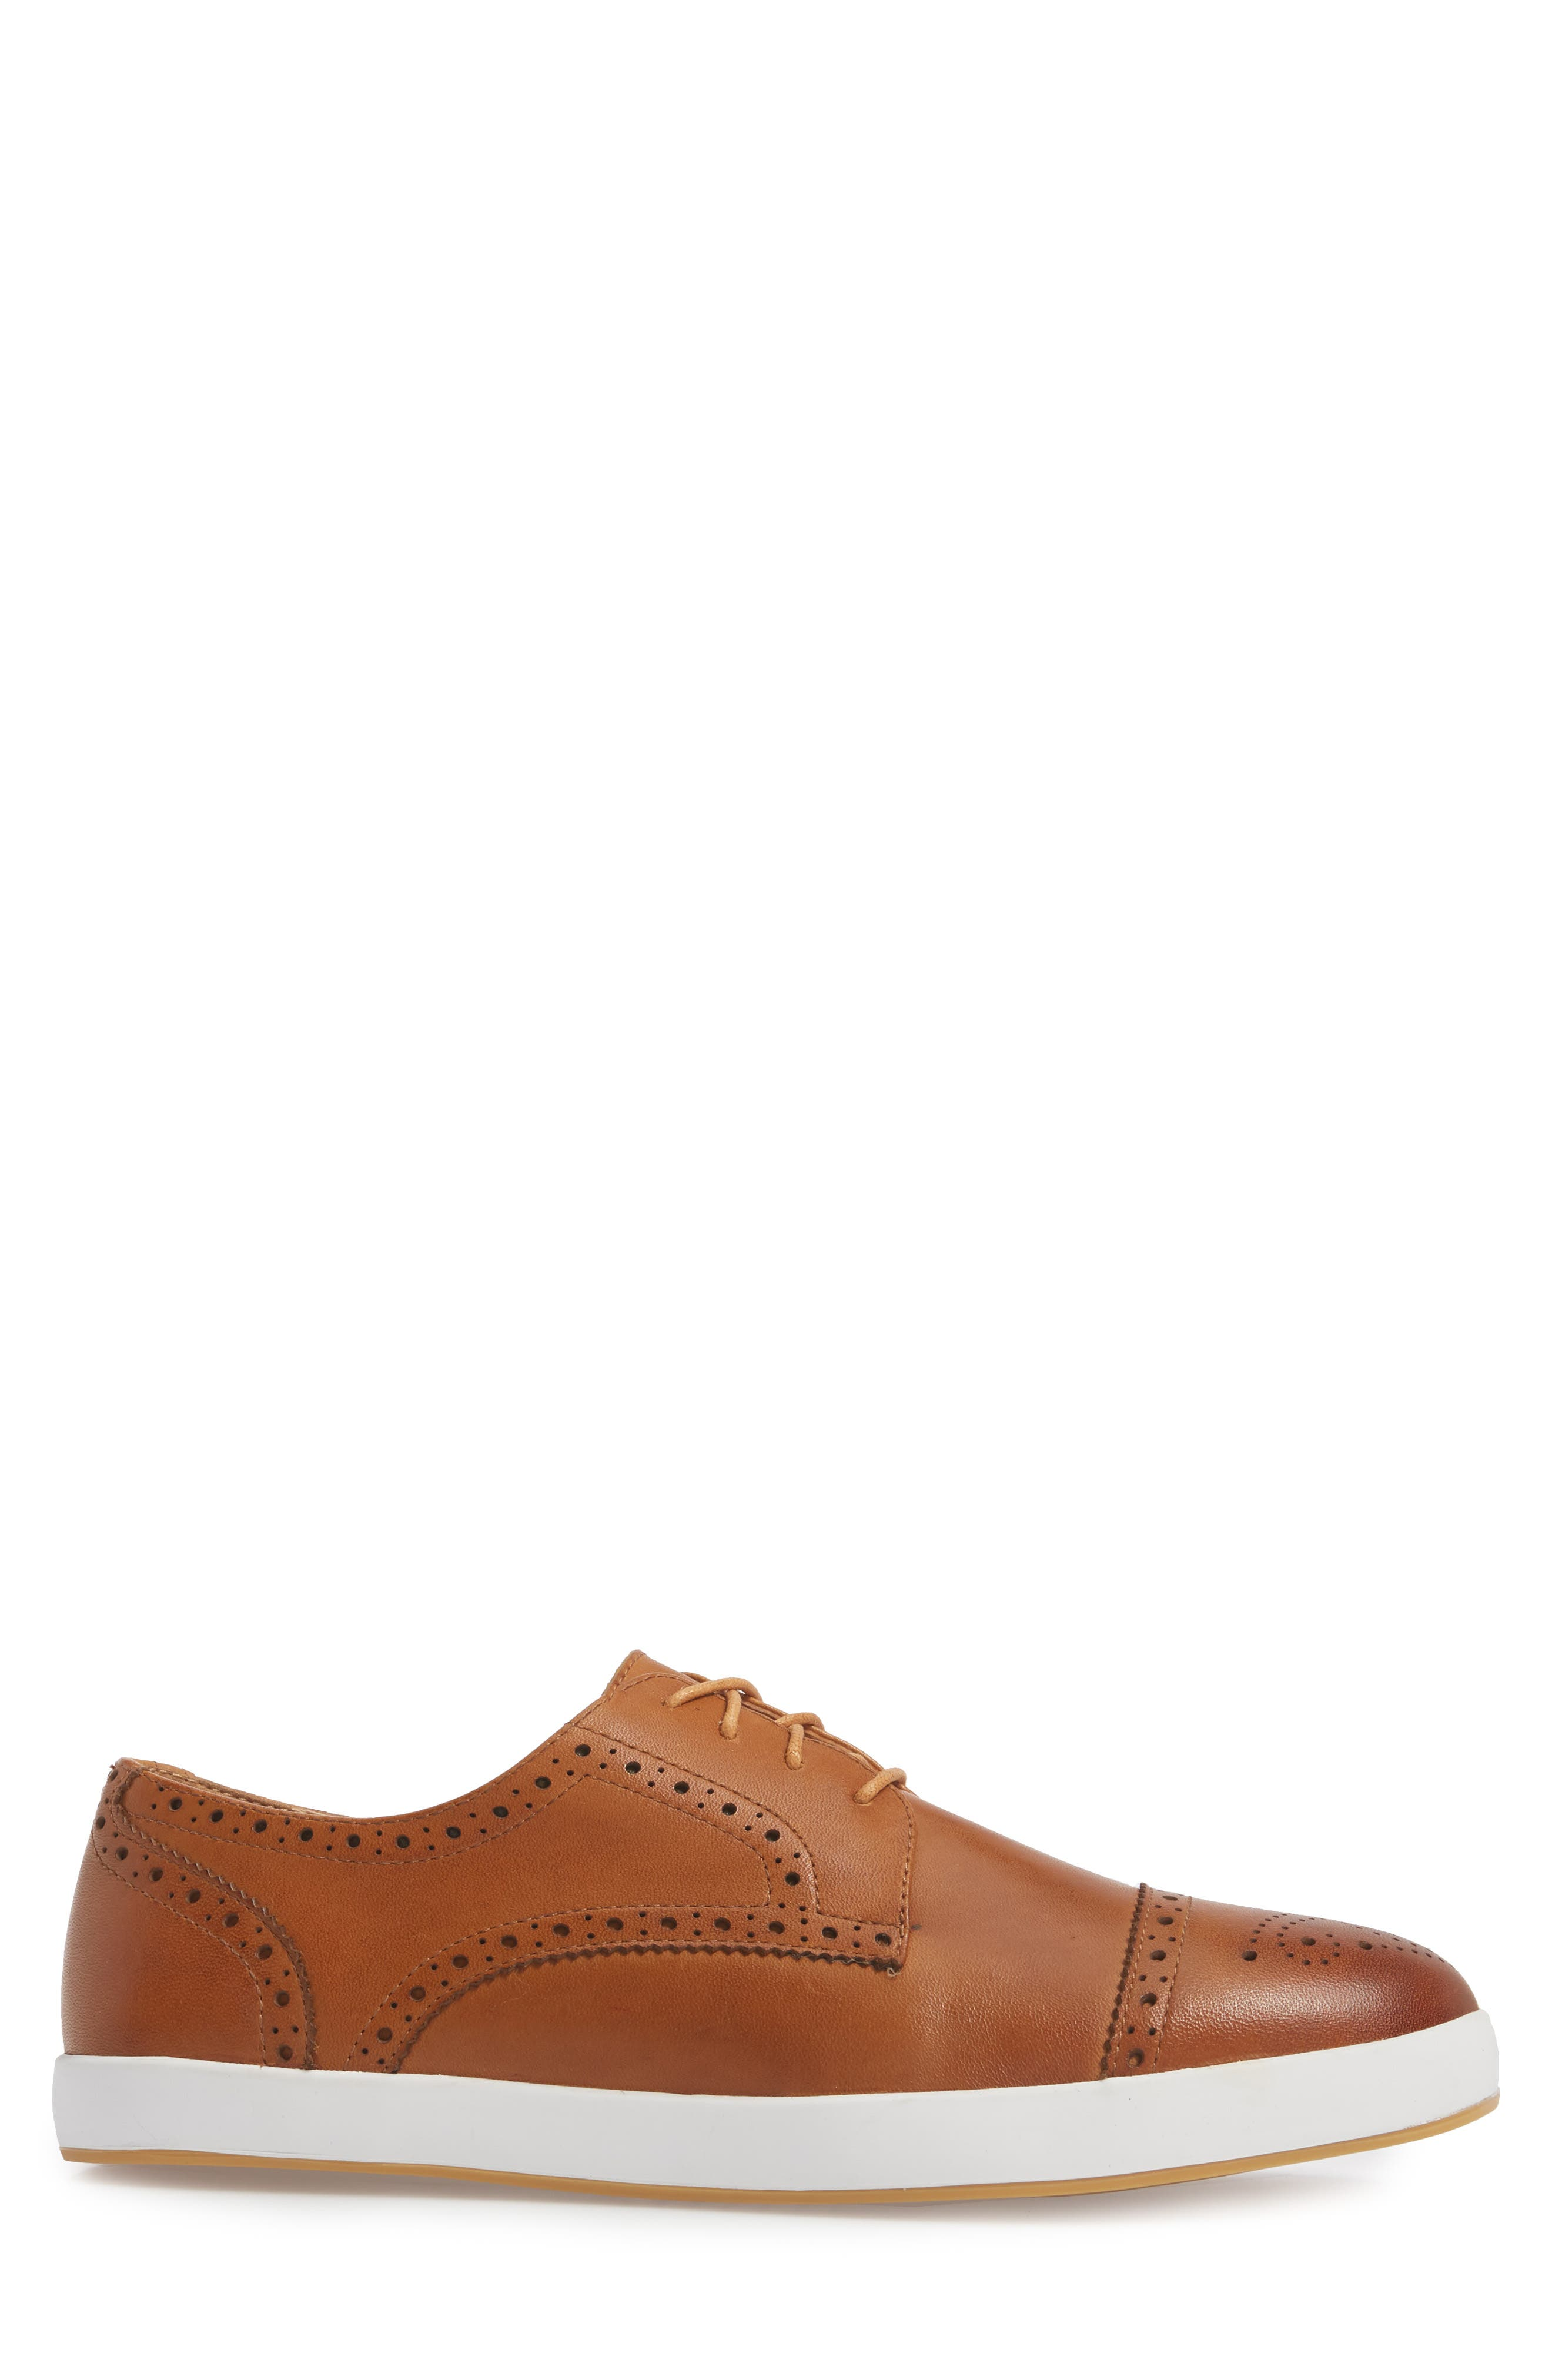 Dunnet Cap Toe Sneaker,                             Alternate thumbnail 3, color,                             Cognac Leather